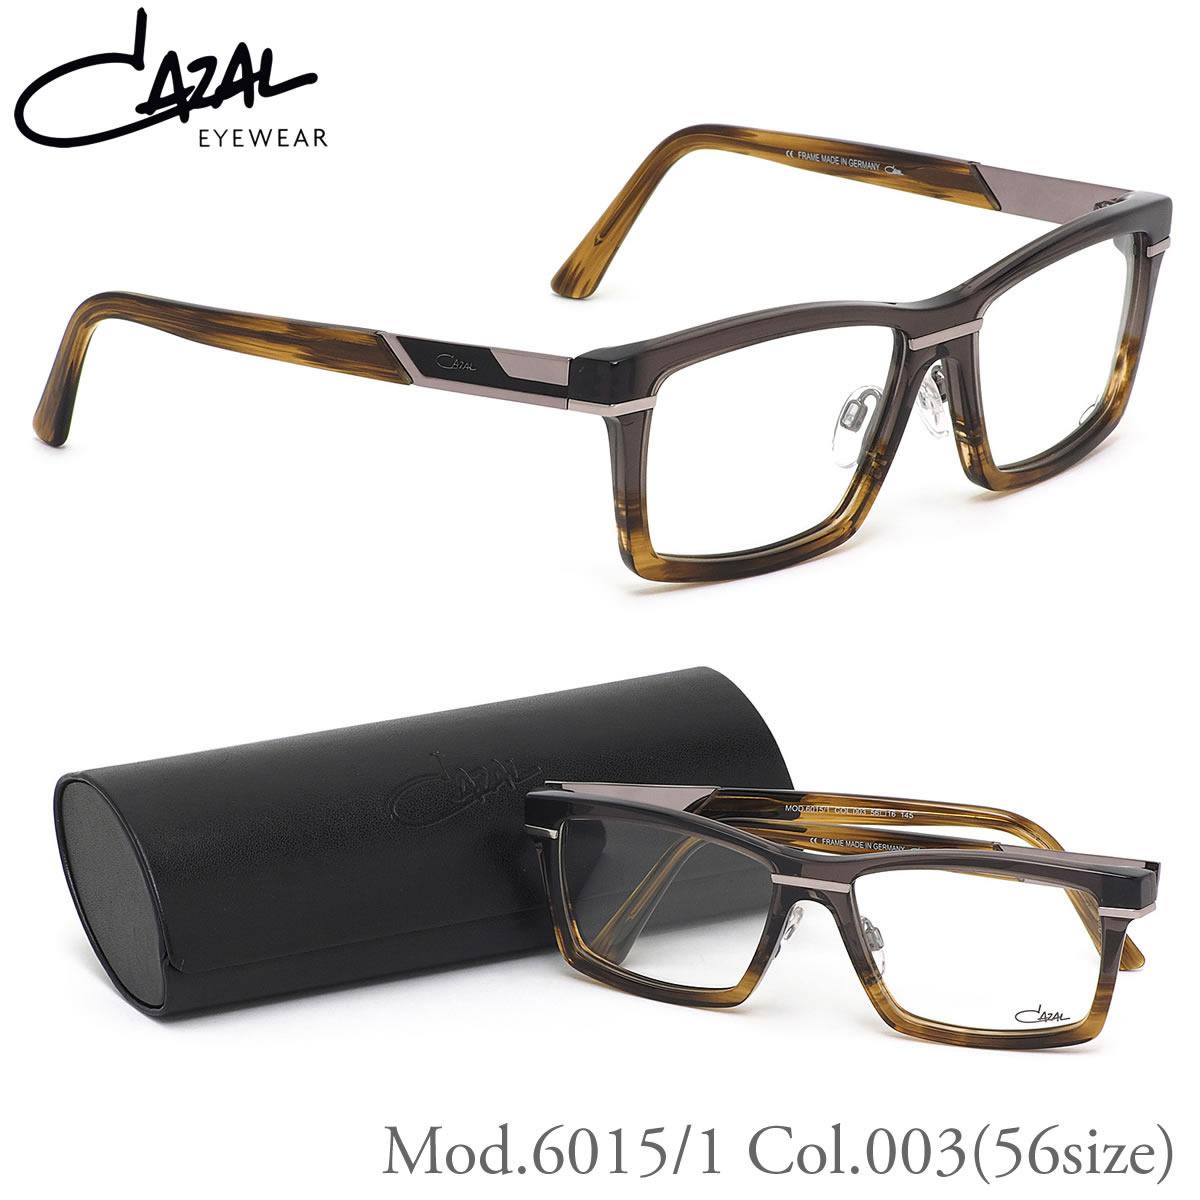 ■ 月間優良ショップ ■ カザール CAZAL メガネ6015/1 003 56サイズ60151 スクエア Made In Germany ドイツ製 コンビネーション クールカザール CAZAL 伊達メガネレンズ無料 メンズ レディース